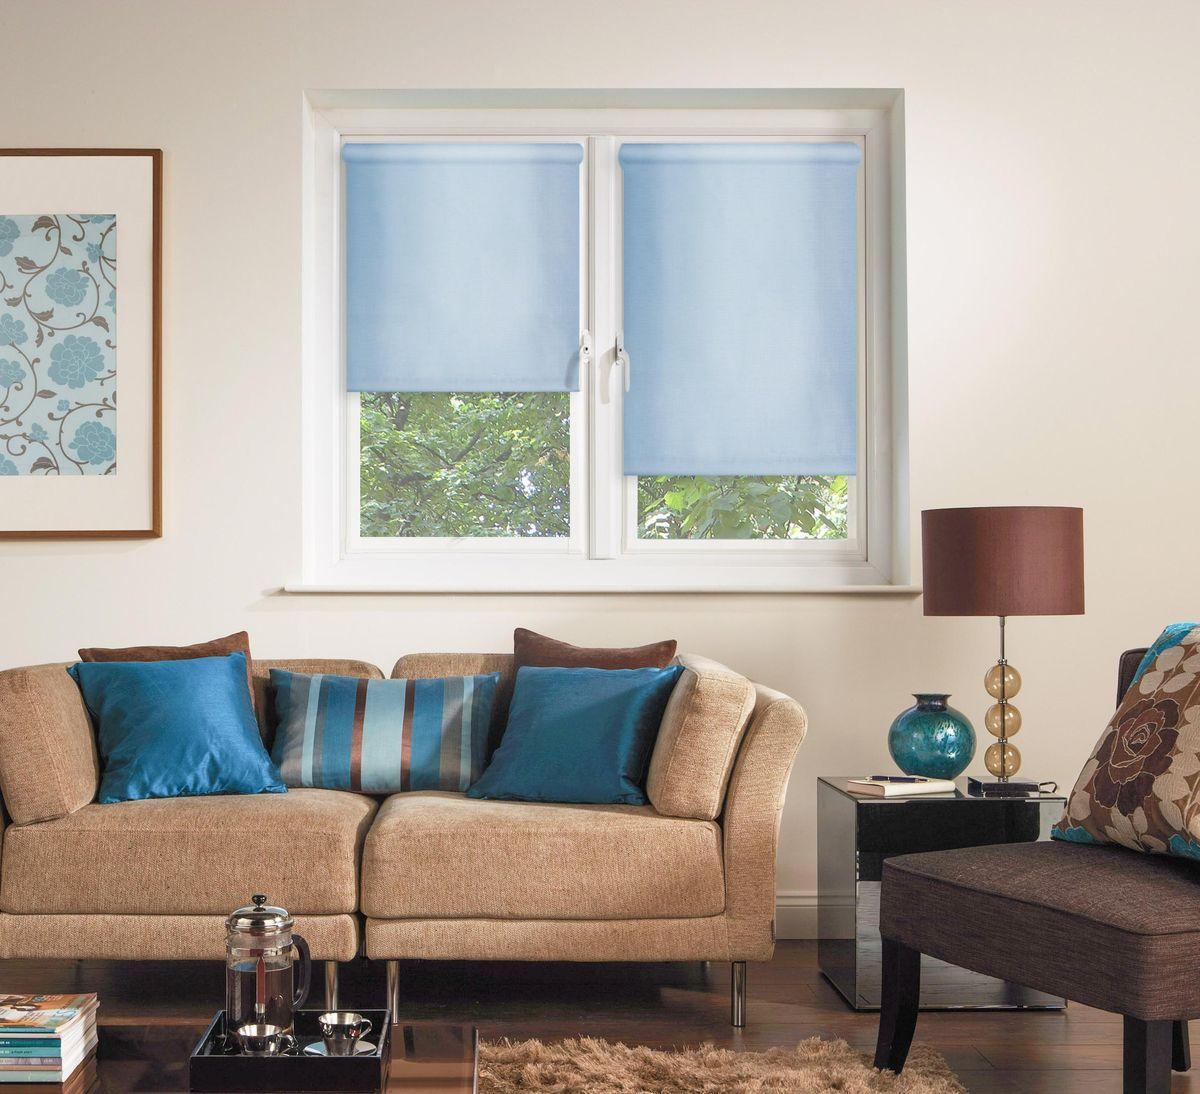 Штора рулонная Эскар, цвет: голубой, ширина 130 см, высота 170 см81005130170Рулонными шторами можно оформлять окна как самостоятельно, так и использовать в комбинации с портьерами. Это поможет предотвратить выгорание дорогой ткани на солнце и соединит функционал рулонных с красотой навесных. Преимущества применения рулонных штор для пластиковых окон: - имеют прекрасный внешний вид: многообразие и фактурность материала изделия отлично смотрятся в любом интерьере; - многофункциональны: есть возможность подобрать шторы способные эффективно защитить комнату от солнца, при этом она не будет слишком темной. - Есть возможность осуществить быстрый монтаж. ВНИМАНИЕ! Размеры ширины изделия указаны по ширине ткани! Во время эксплуатации не рекомендуется полностью разматывать рулон, чтобы не оторвать ткань от намоточного вала. В случае загрязнения поверхности ткани, чистку шторы проводят одним из способов, в зависимости от типа загрязнения: легкое поверхностное загрязнение можно удалить при помощи канцелярского ластика; чистка от пыли производится сухим методом при...